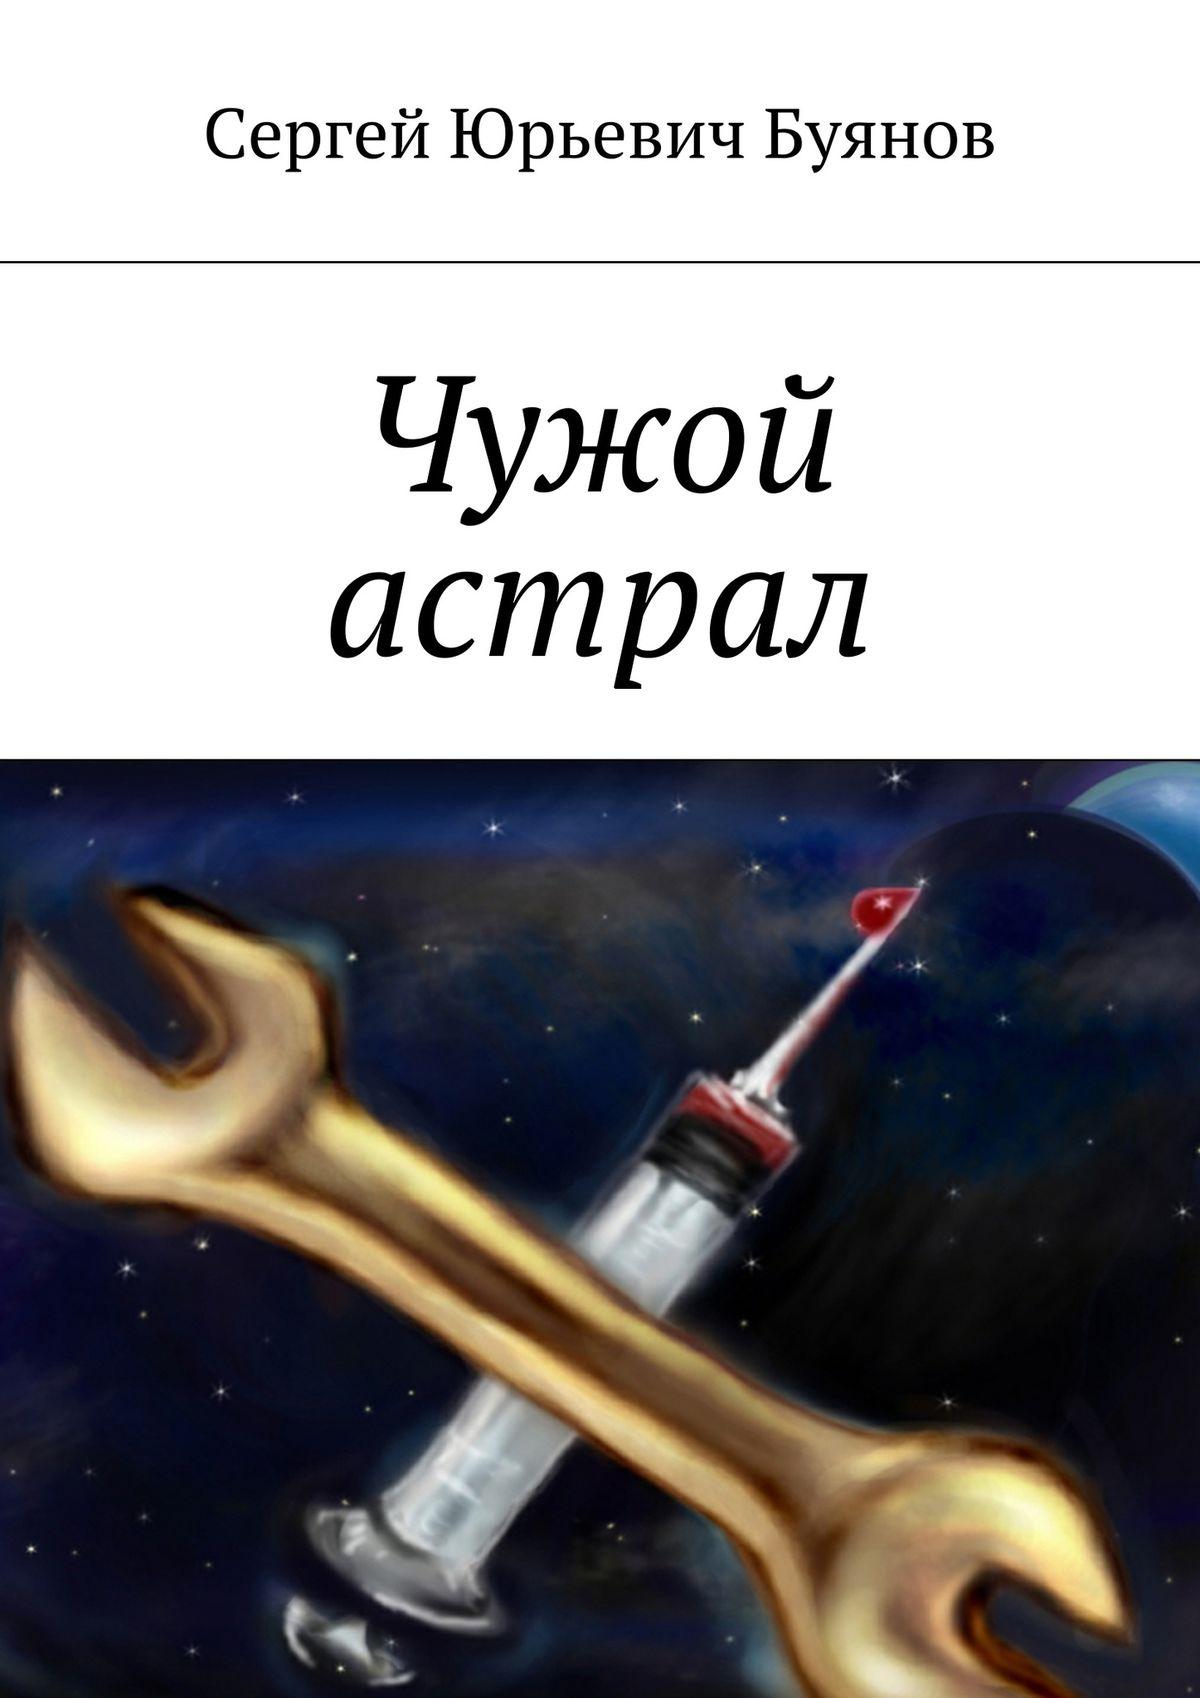 Чужой астрал